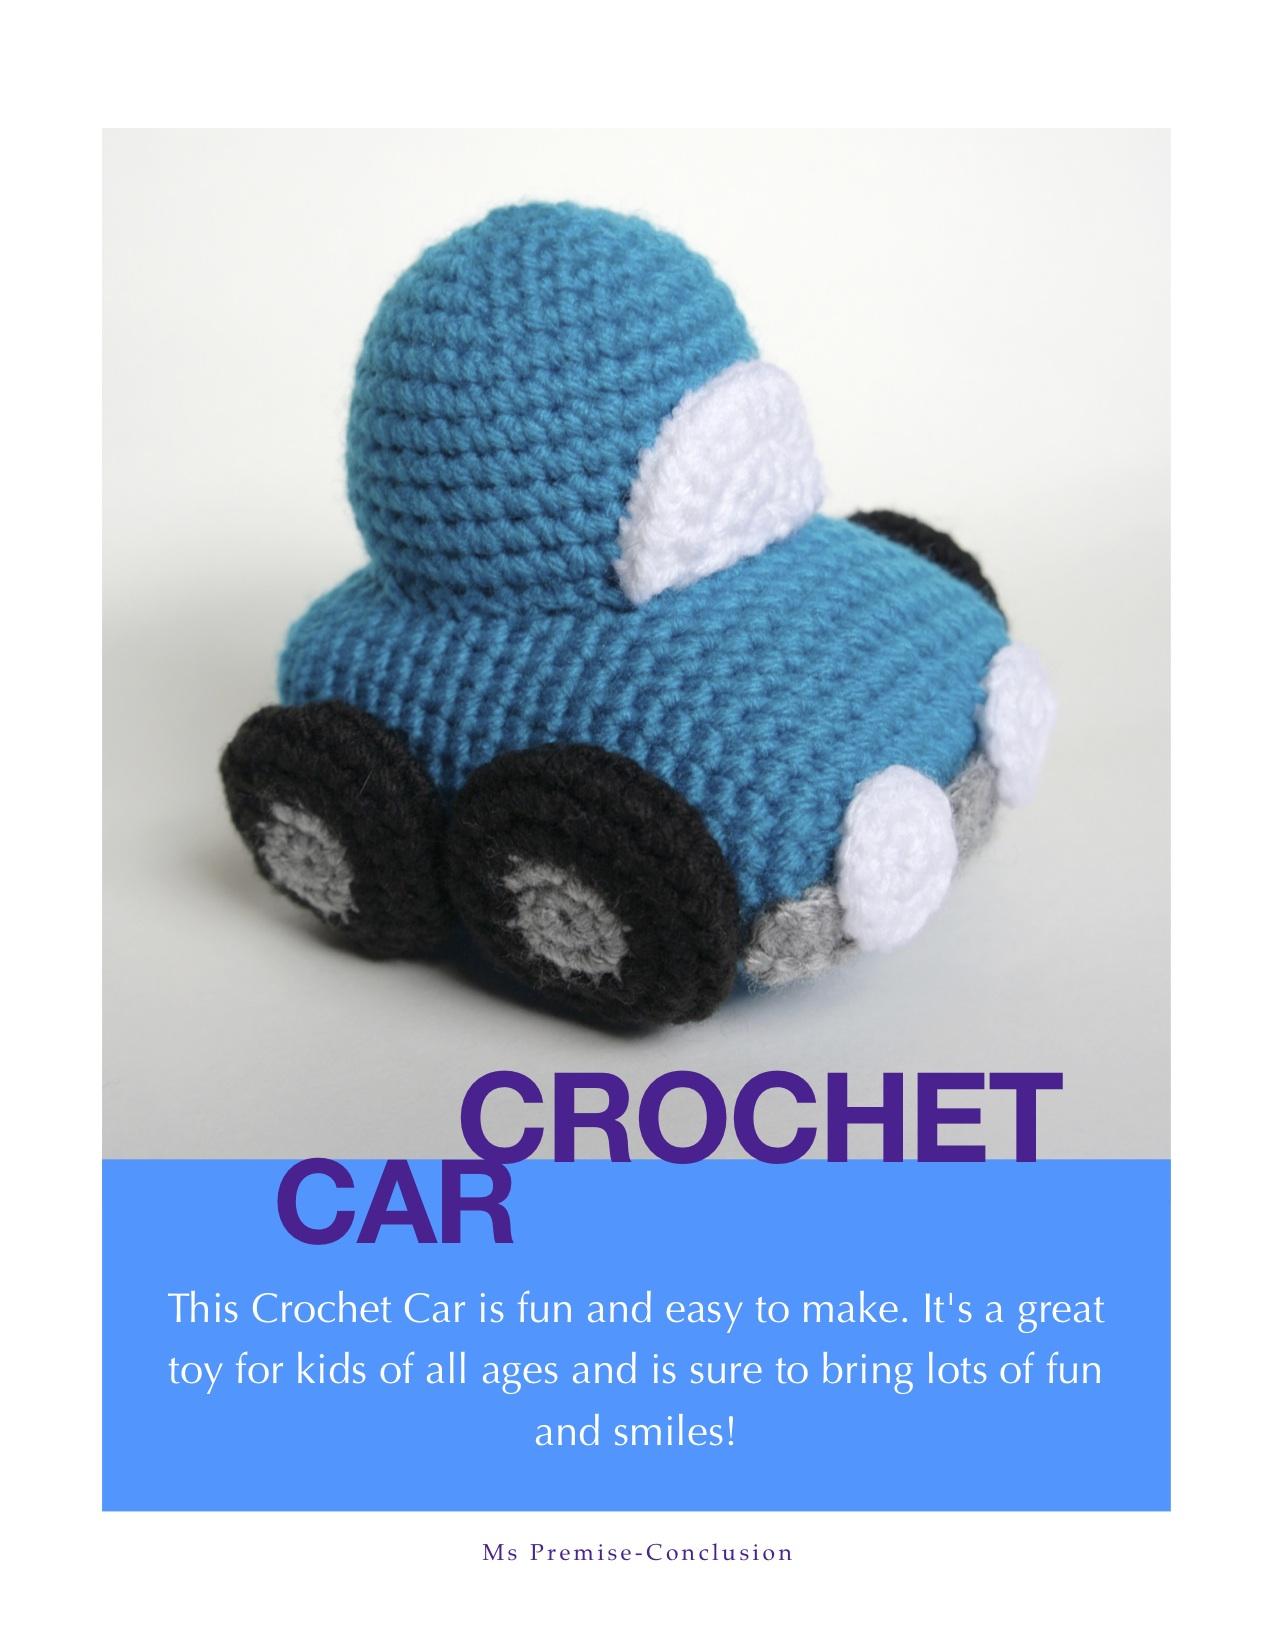 Crochet Car Title Page